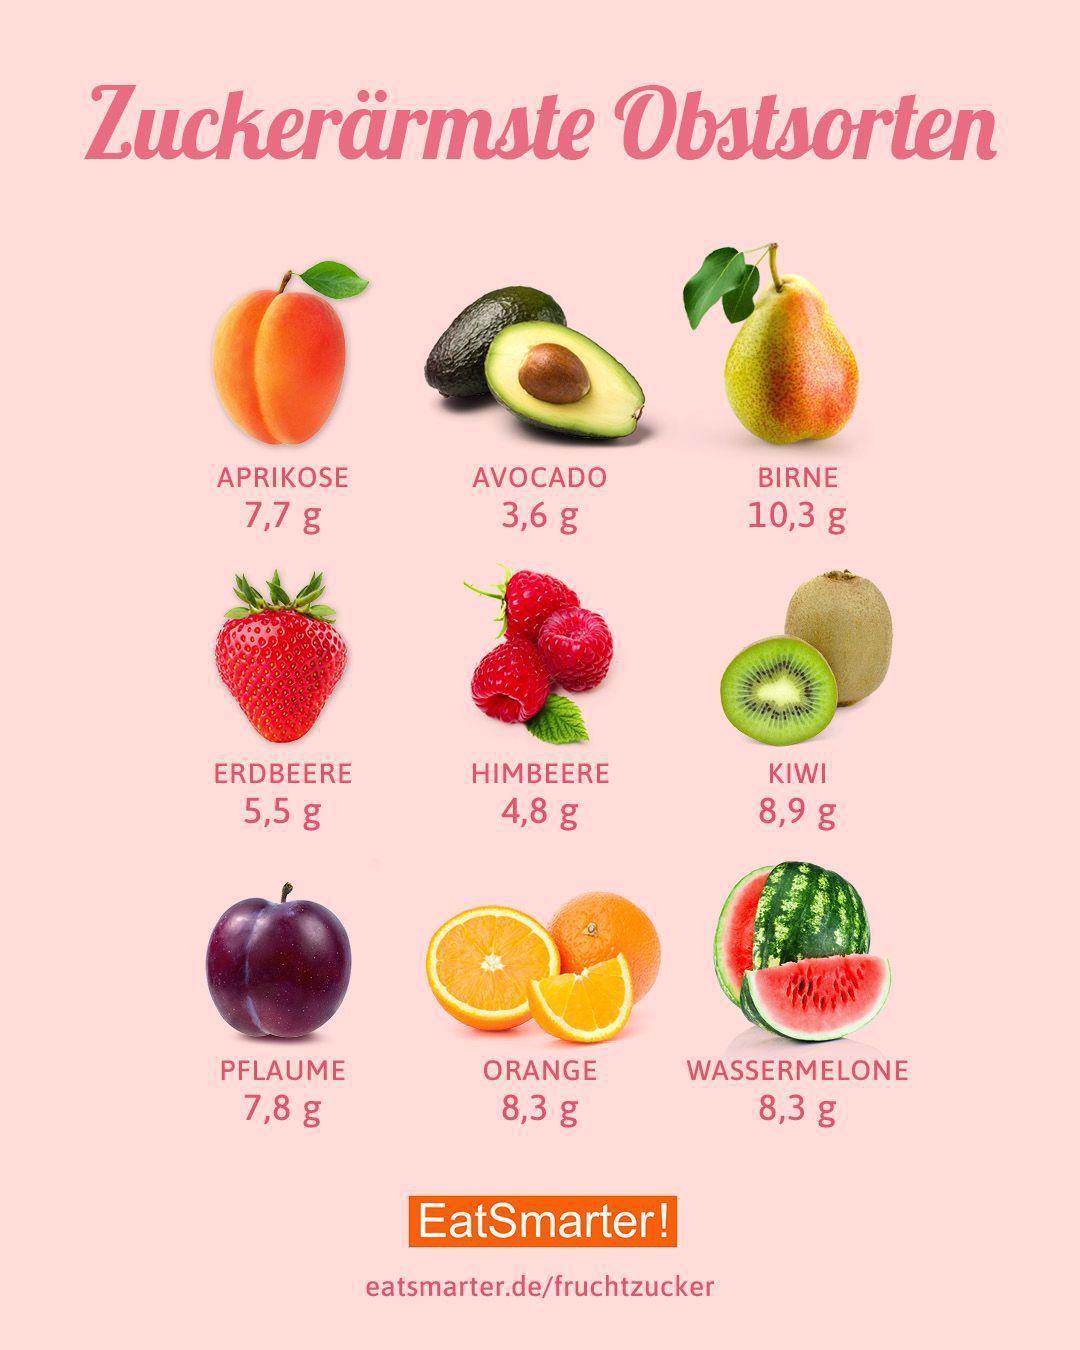 Obst steckt voller Vitamine, ist aber von Natur aus auch reich an Fruchtzucker. …